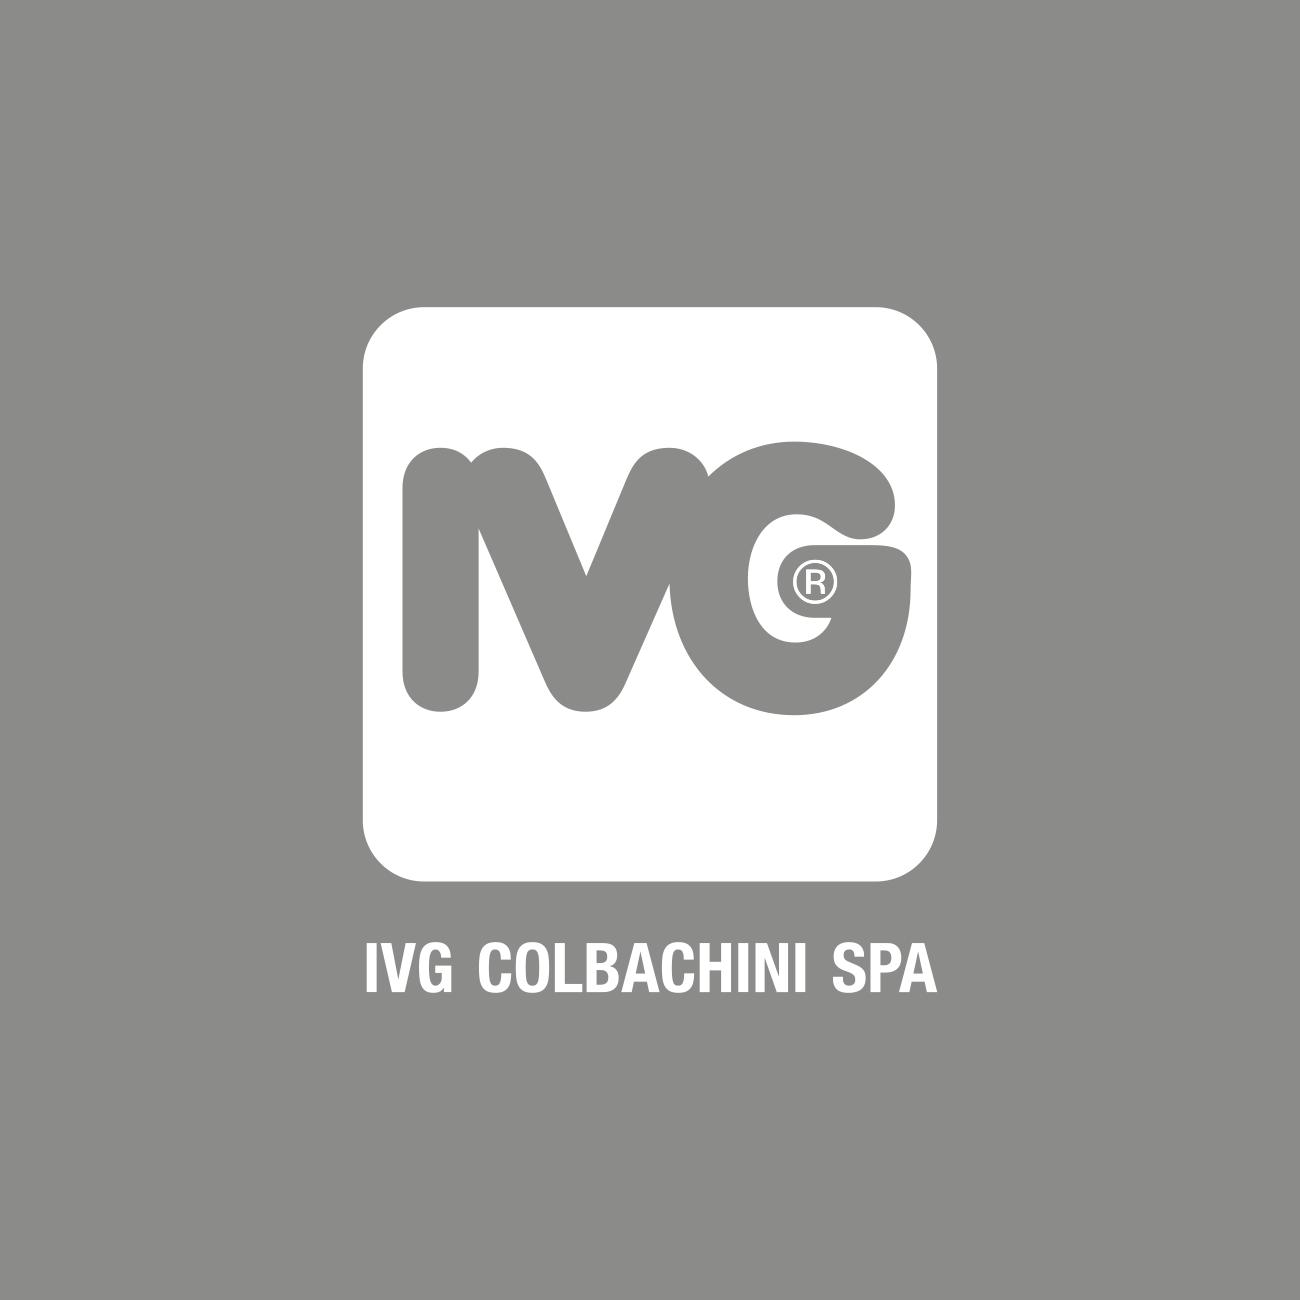 IVG_logo.png